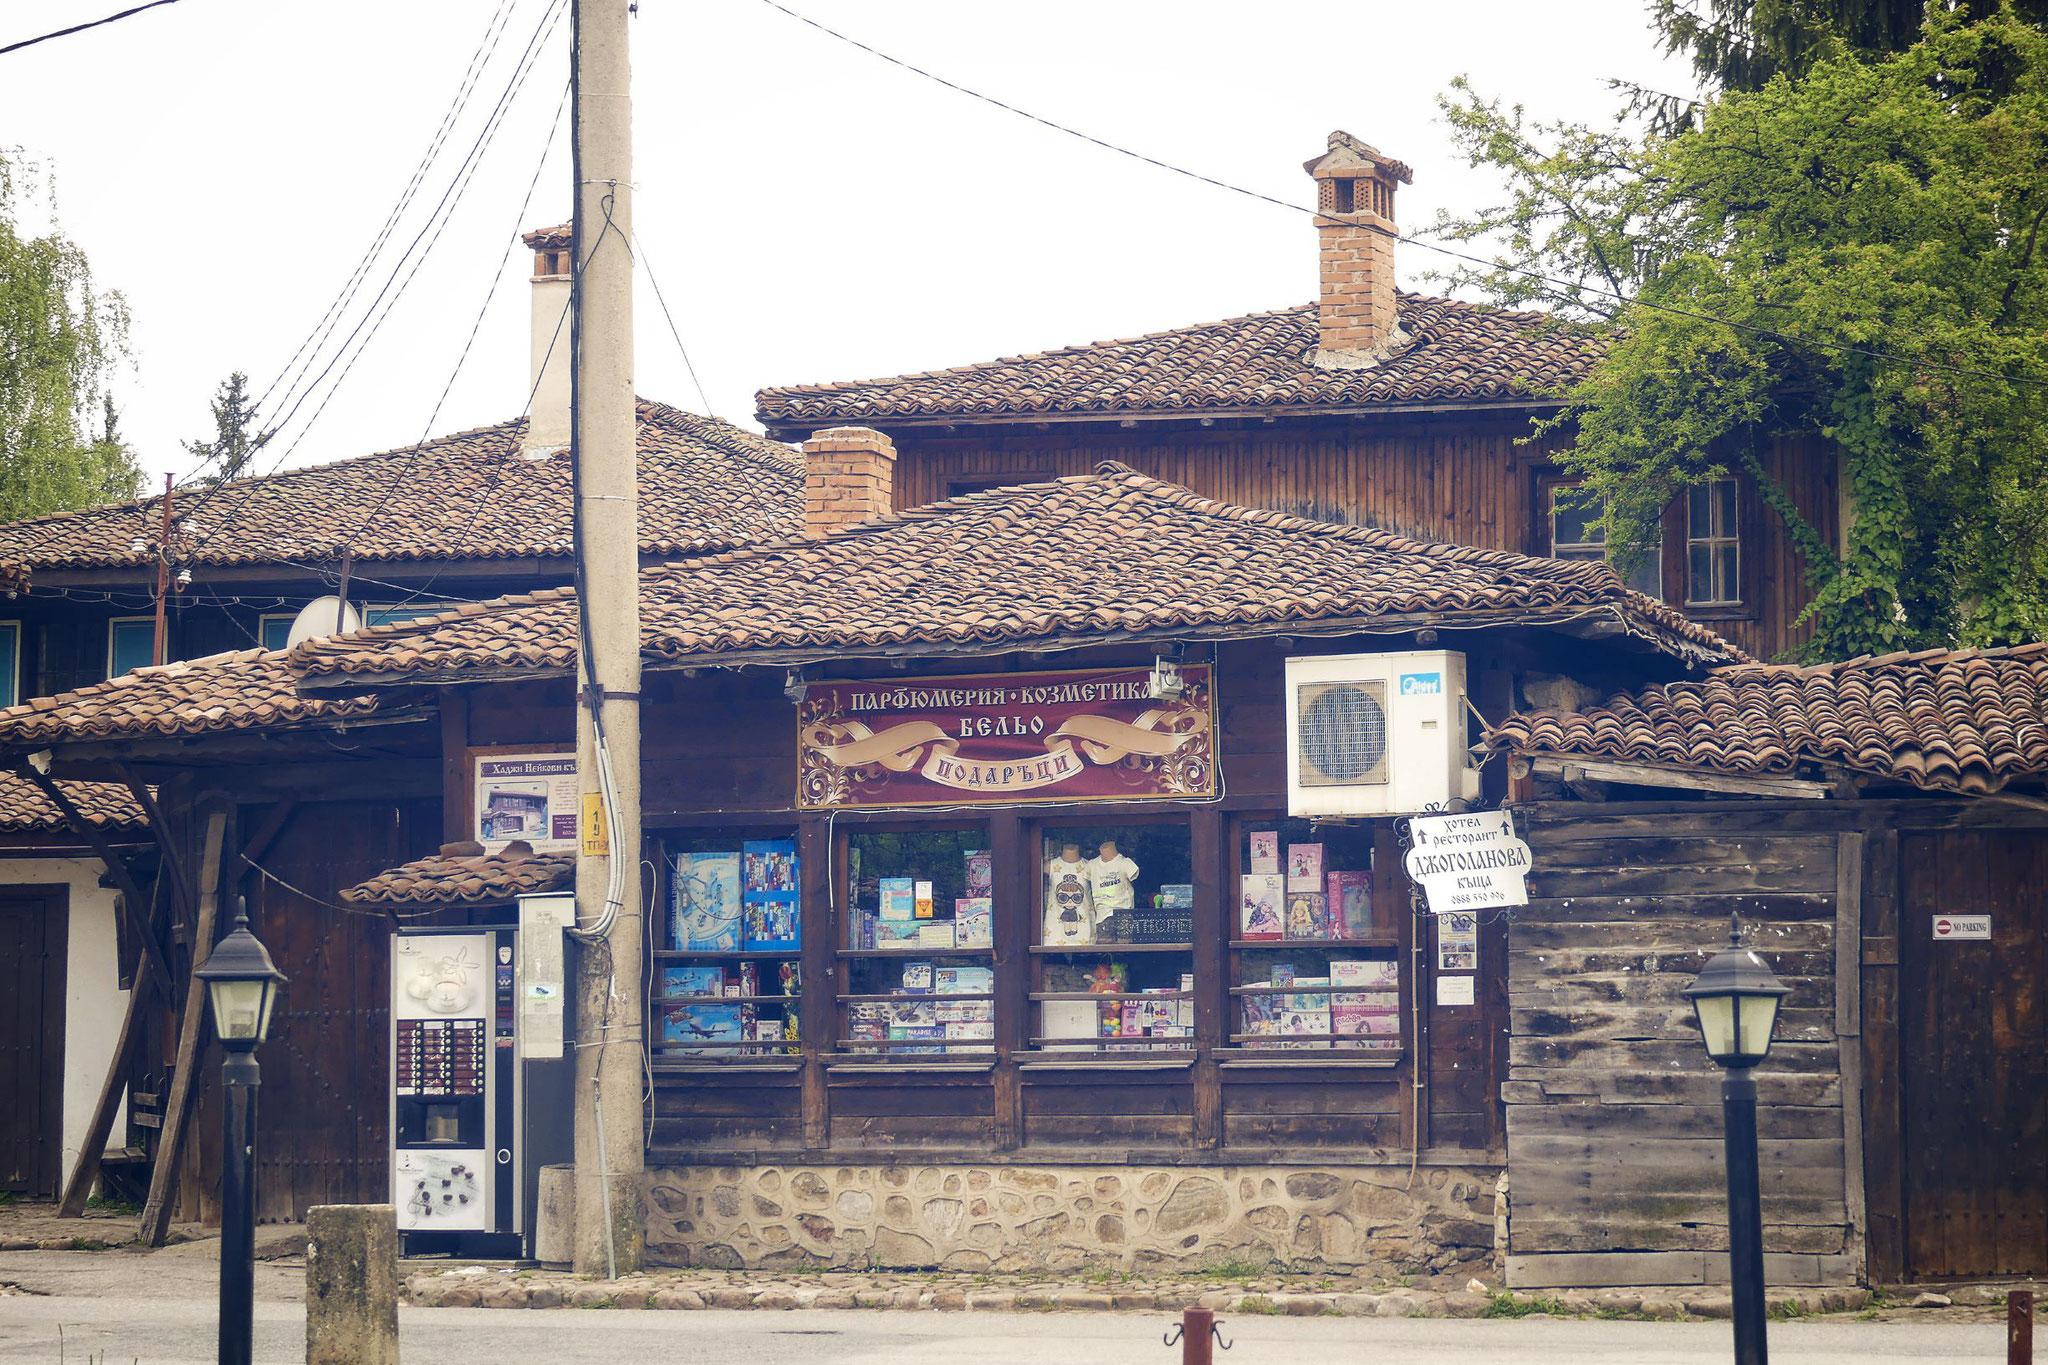 en bulgarie il y a des machines à café partout dans les rues!